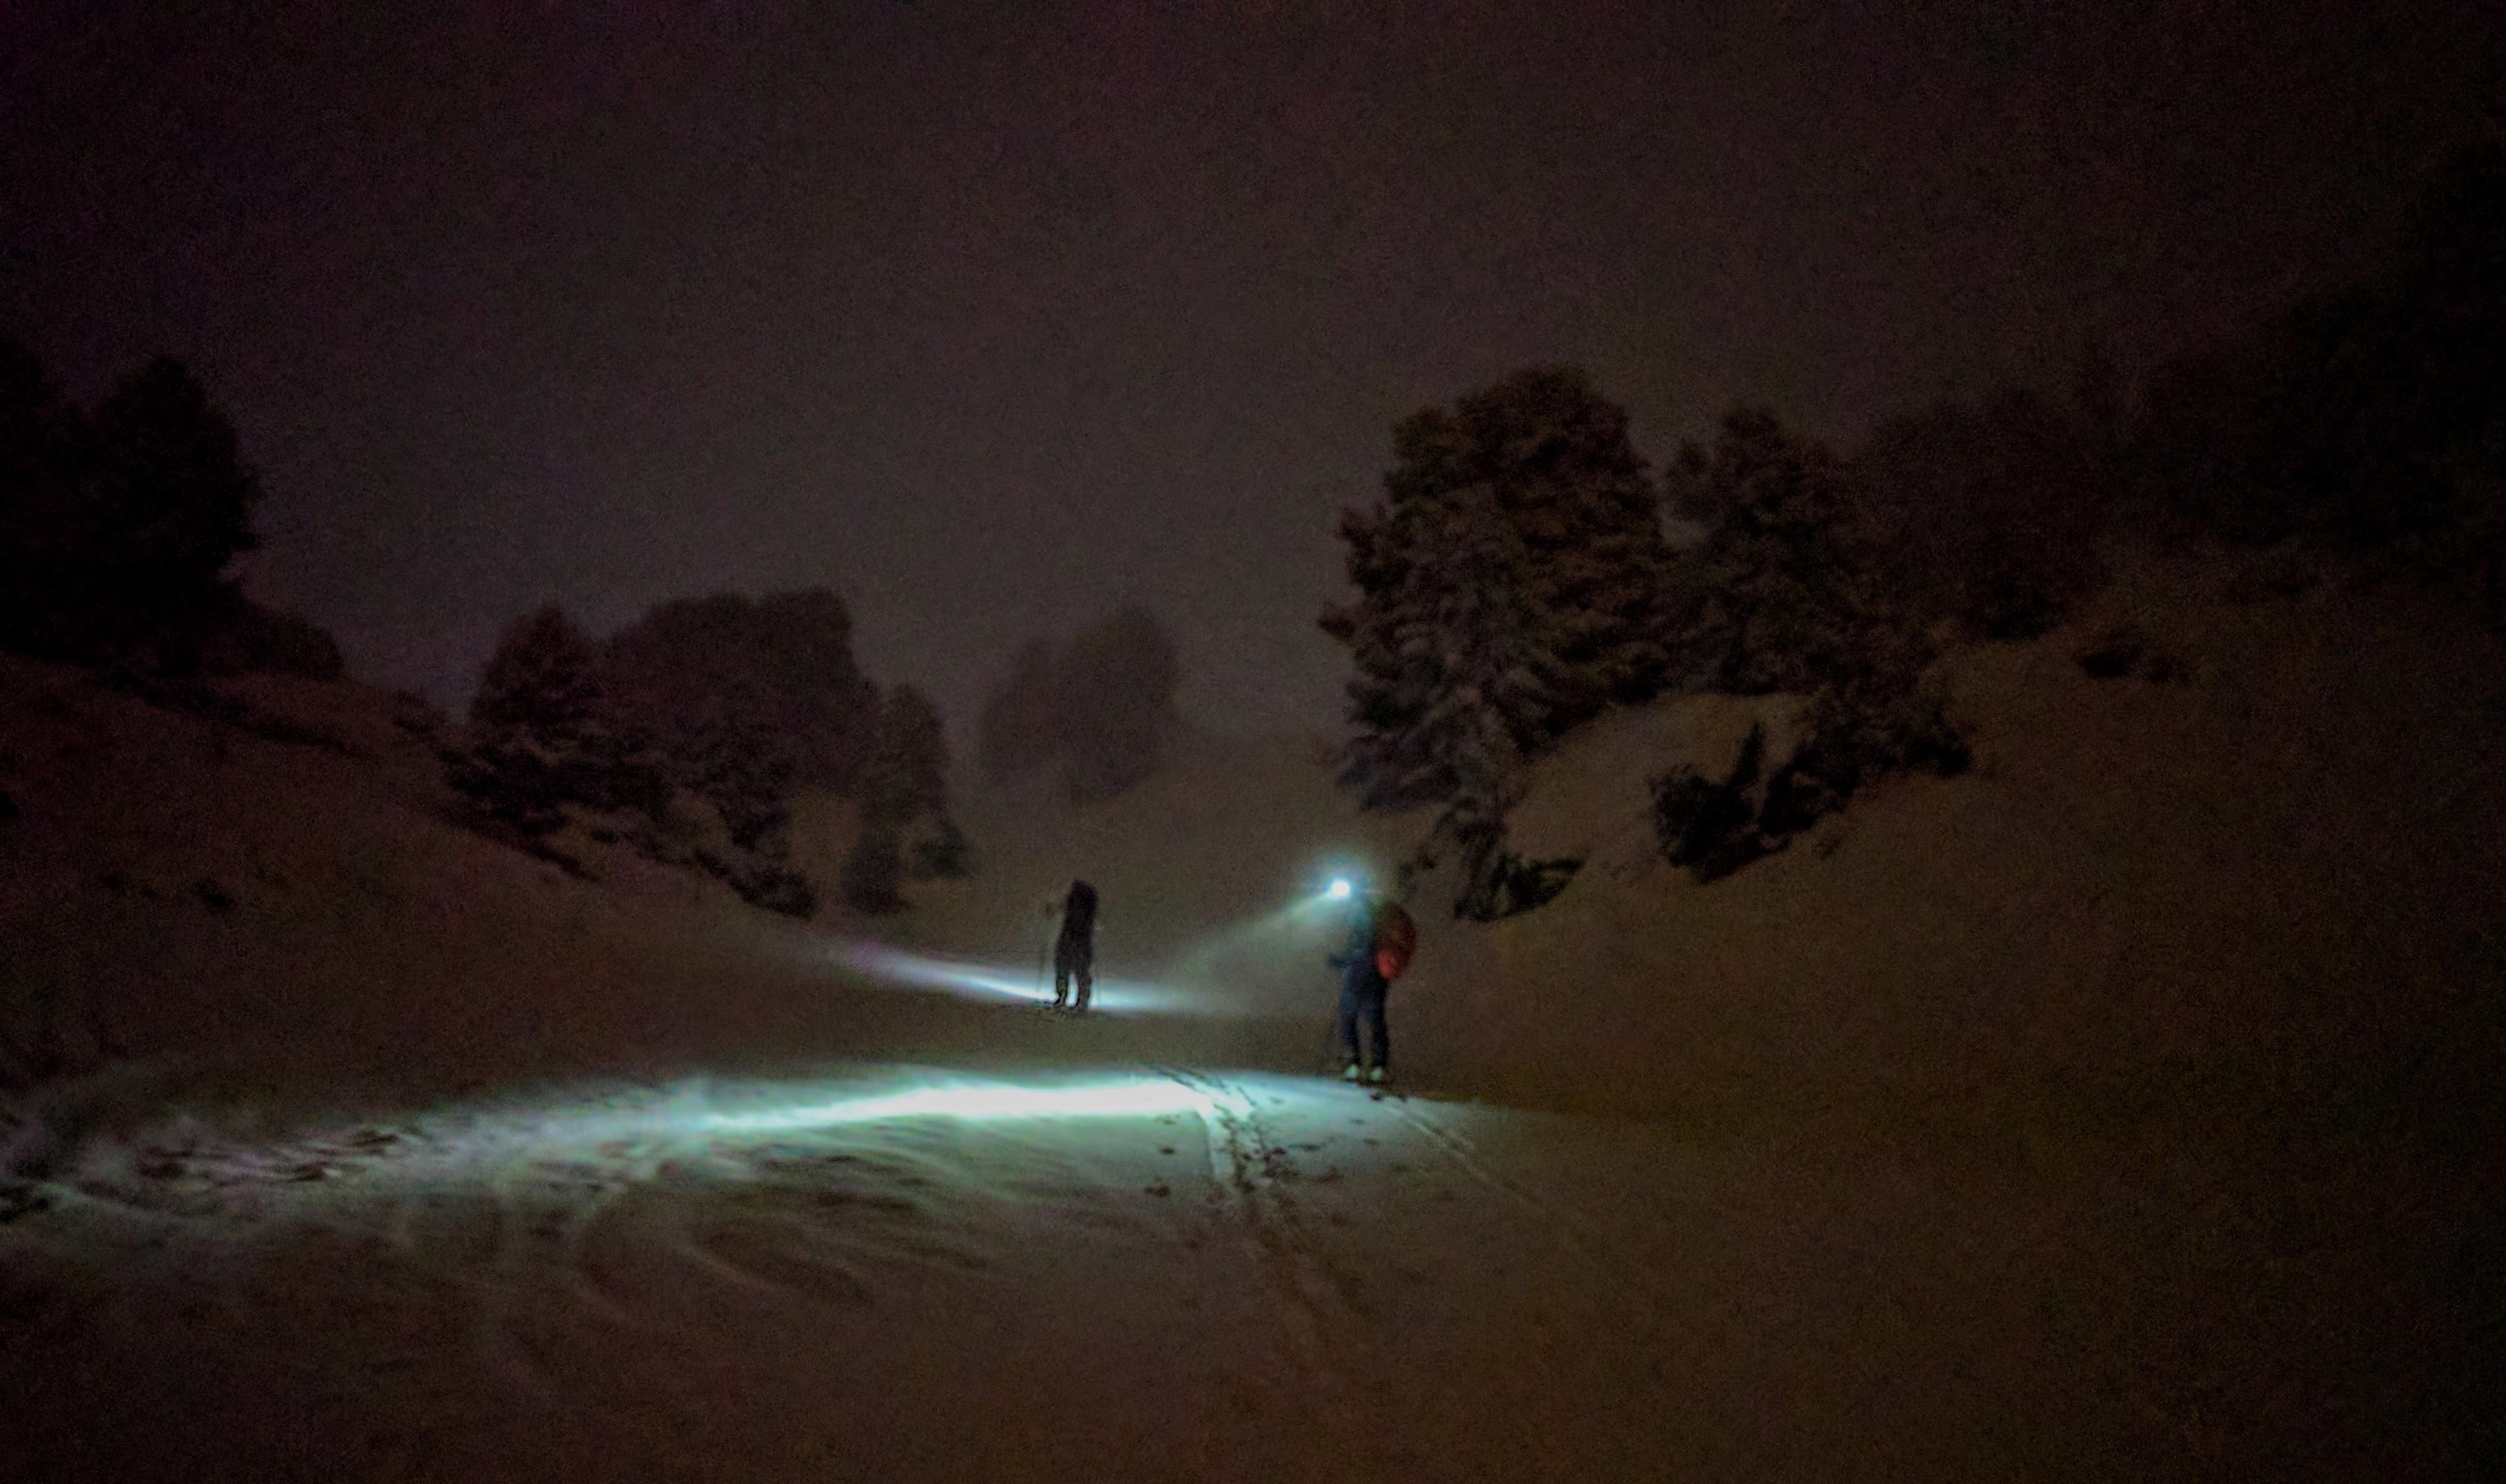 randonneurs montant dans la nuit dans la montagne